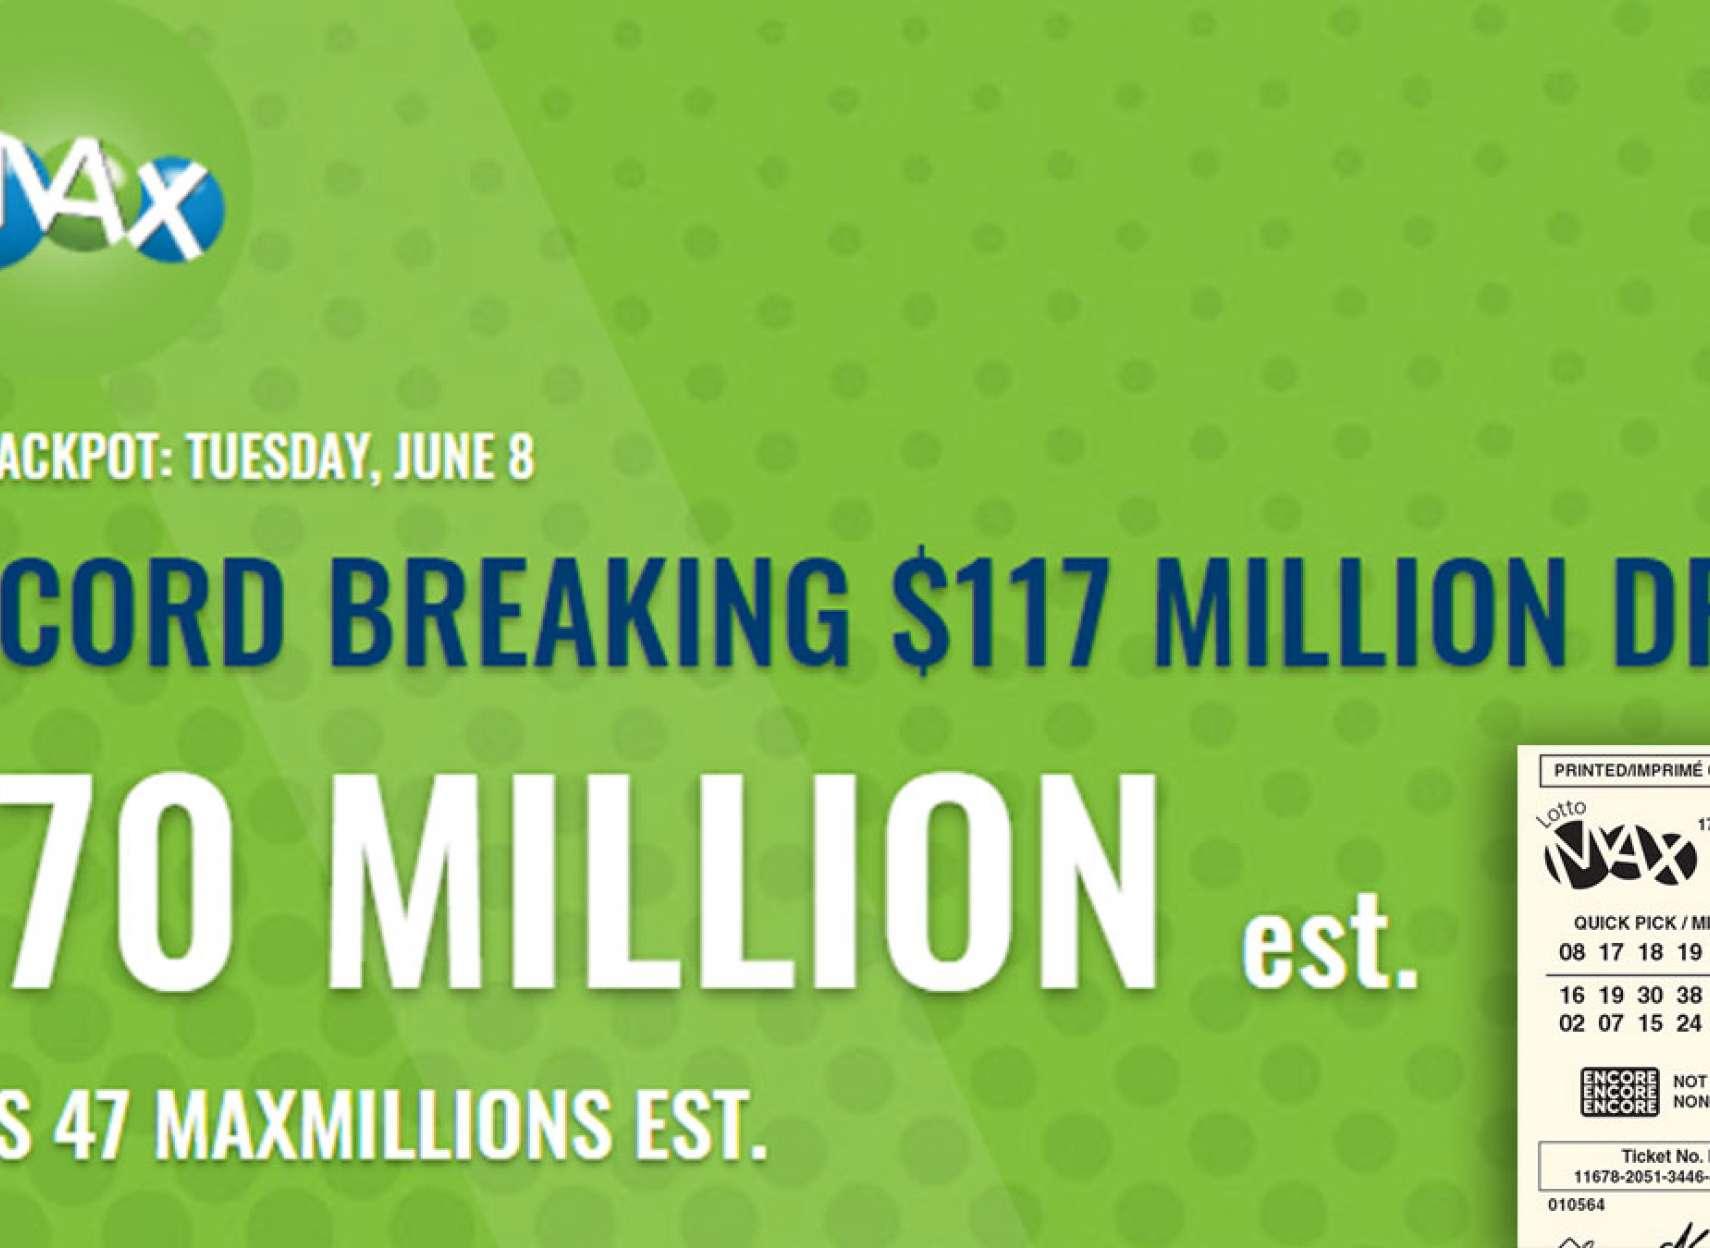 اخبار-تورنتو-بلیت-بخت-آزمایی-فردا-لاتاری-سه-شنبه-انتاریو-به-رکورد-تاریخی-۱۱۷-میلیون-دلار-رسید